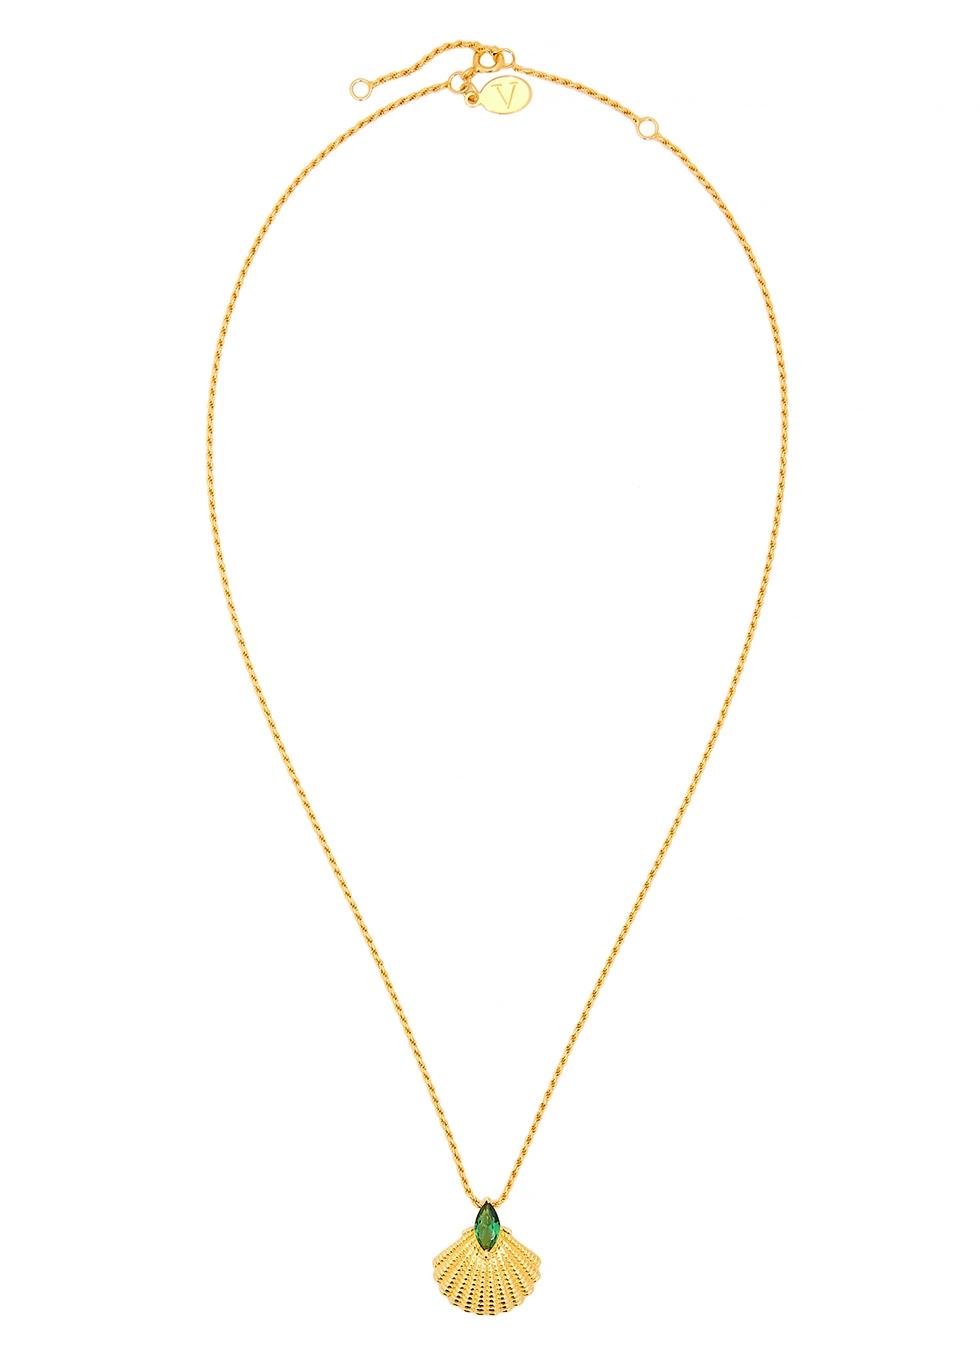 Pamela 18kt gold-plated necklace